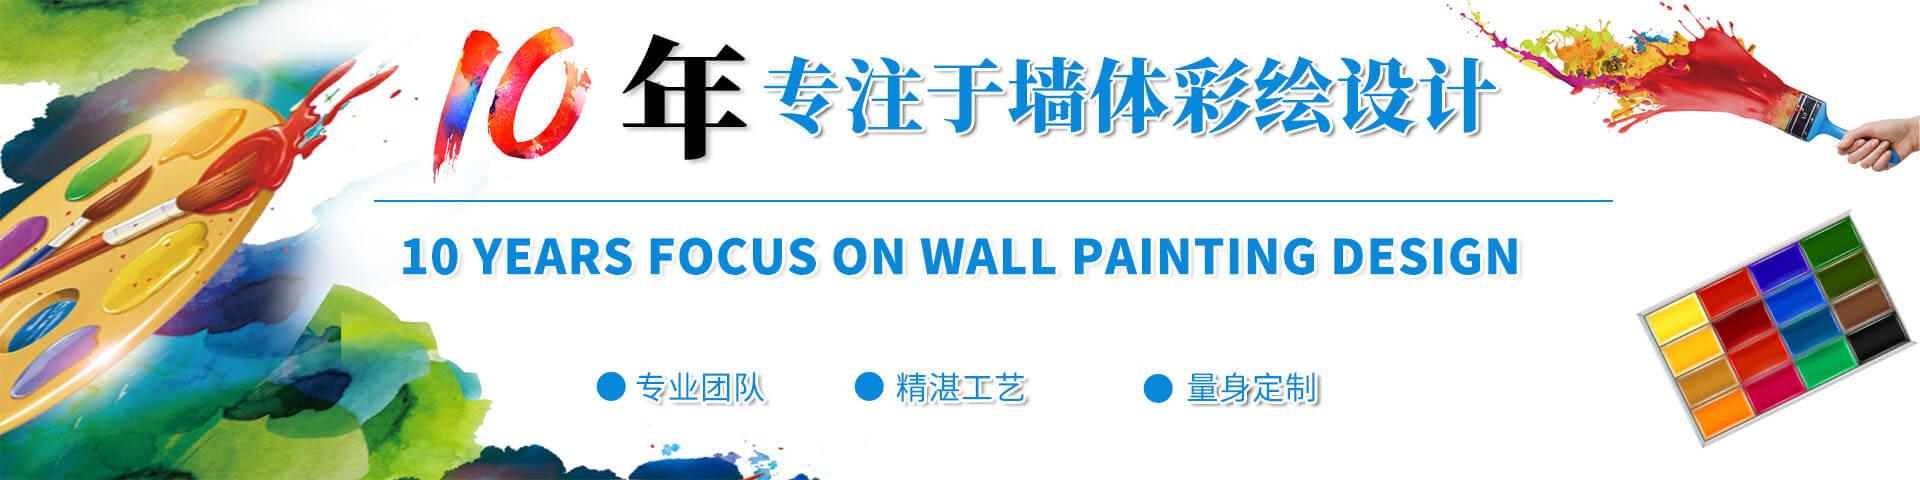 之恒墙绘是赣州墙绘公司中的佼佼者